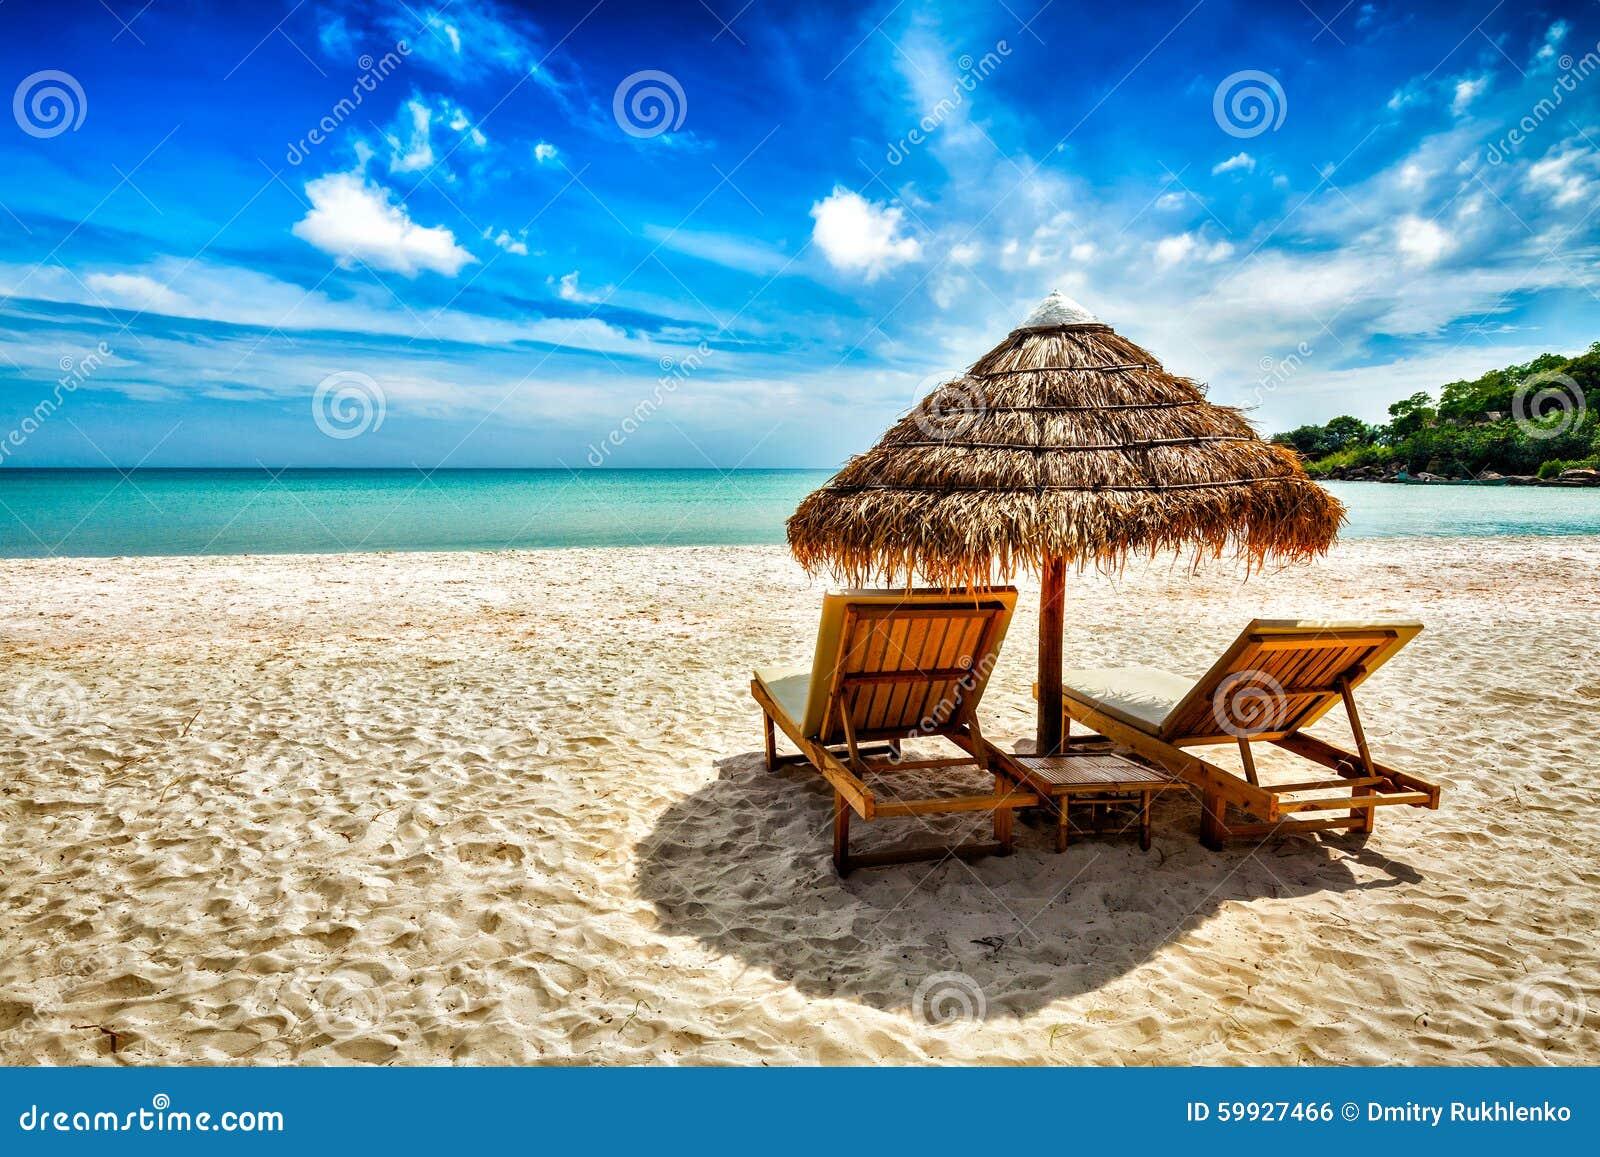 海滩睡椅休息室帐篷二下